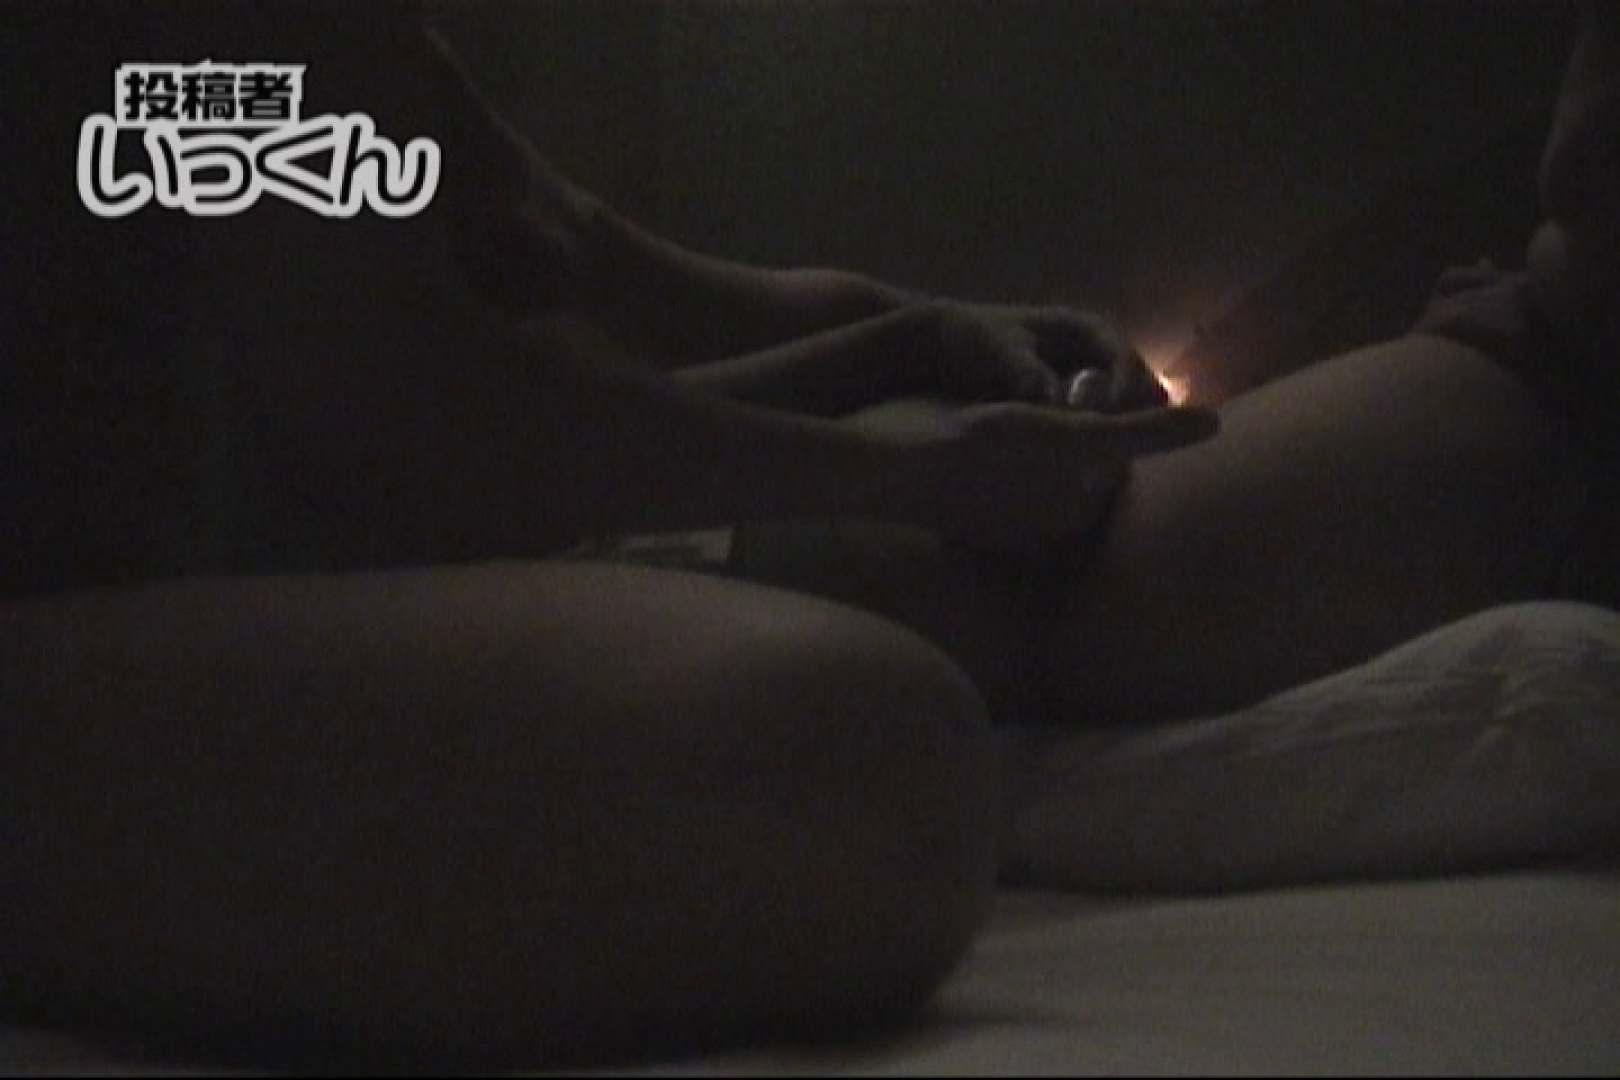 調教師いっくんの 北海道の自衛隊員の彼女24歳えみ 盗撮  112連発 17